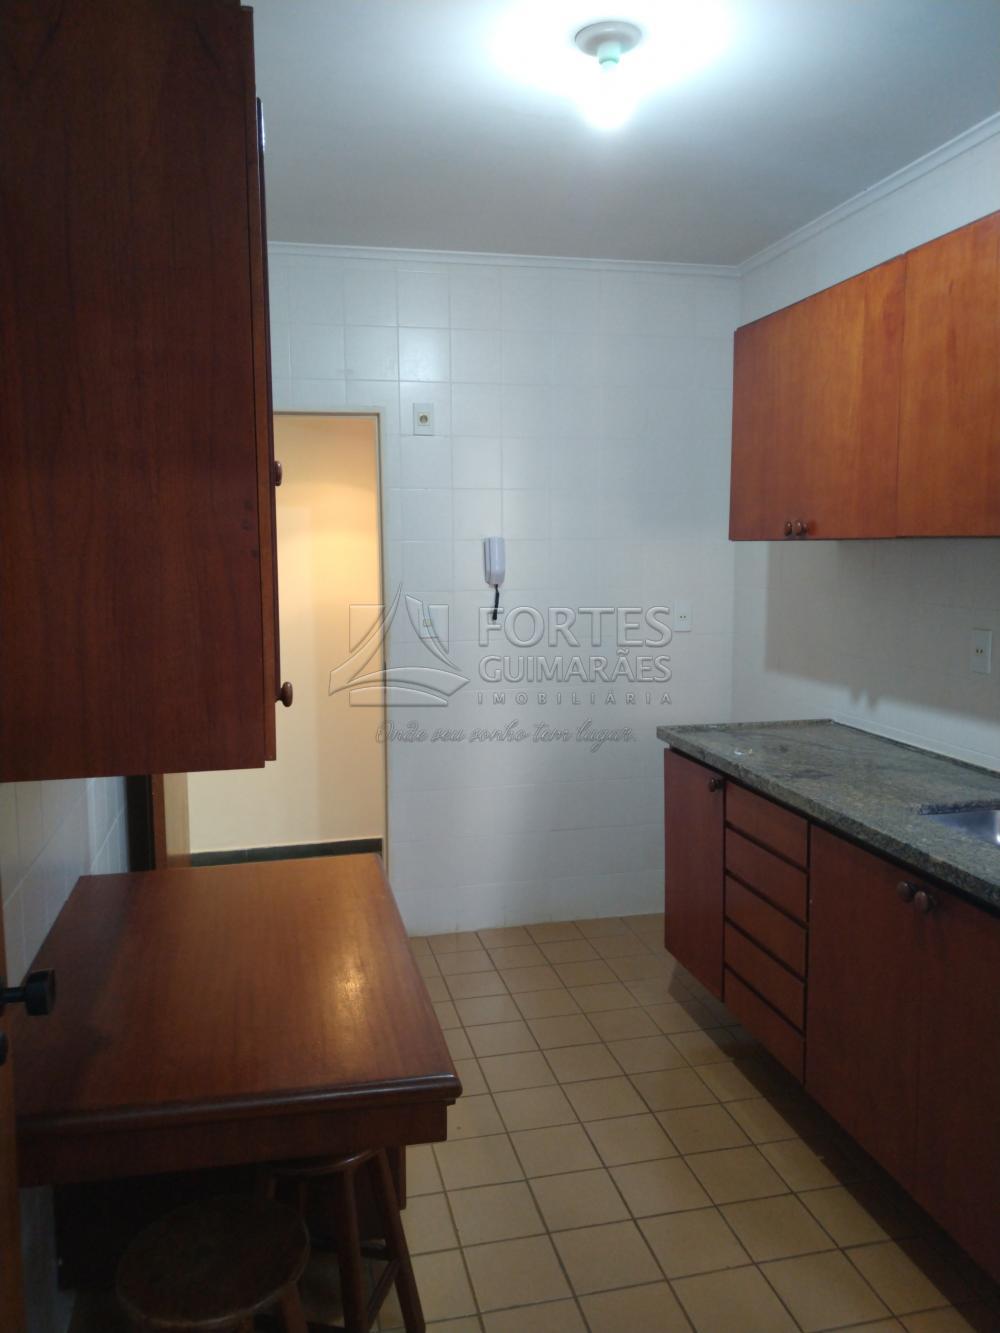 Alugar Apartamentos / Padrão em Ribeirão Preto apenas R$ 1.500,00 - Foto 38